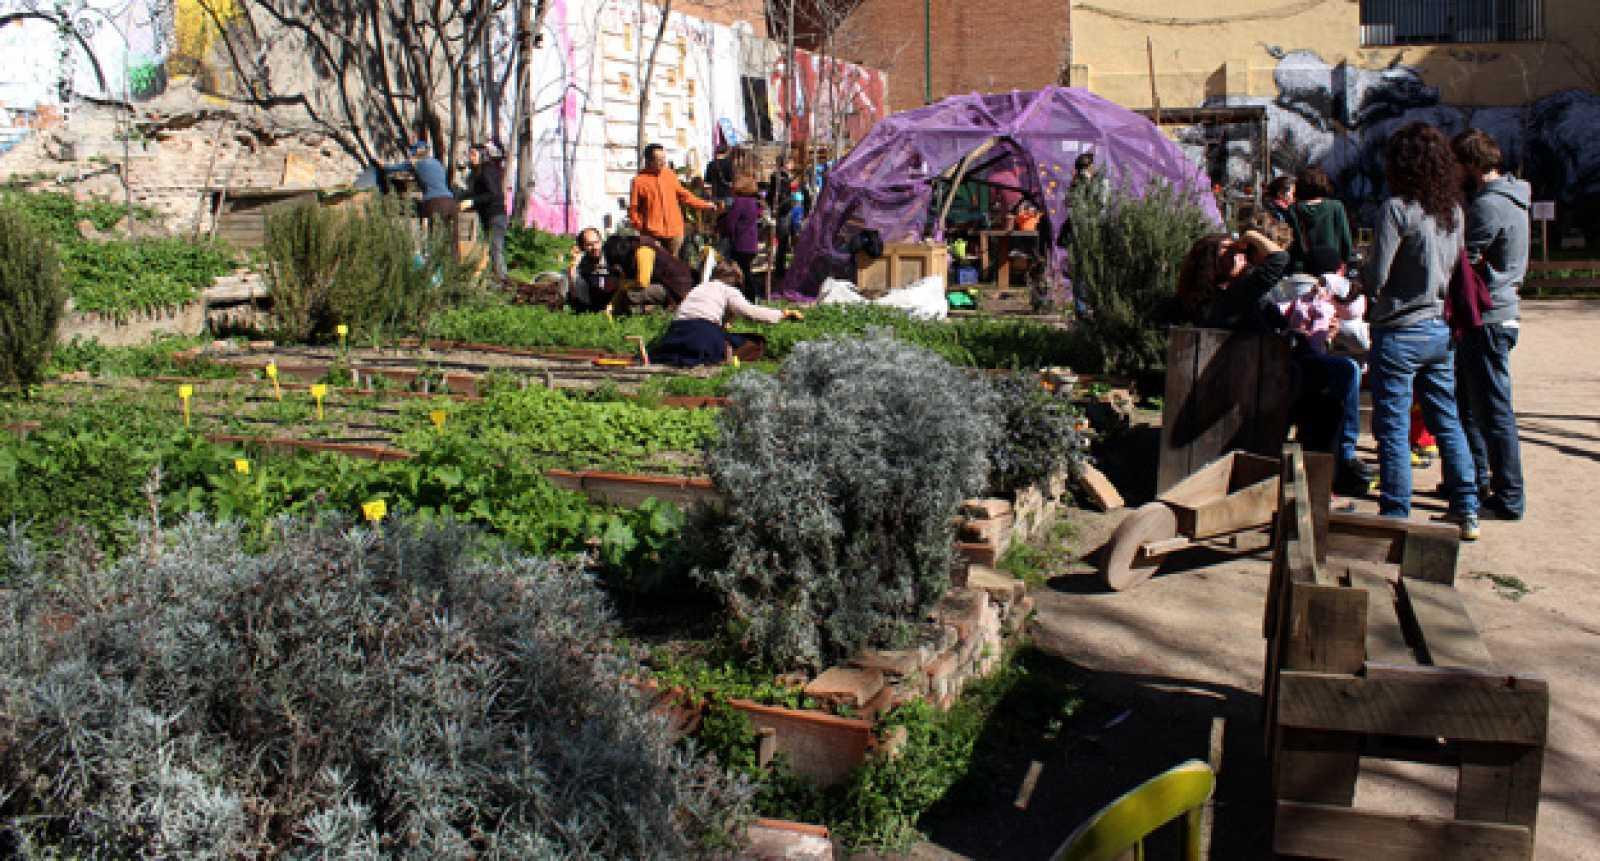 Vecinos y visitantes disfrutan de una mañana de sol en 'Esta es una plaza' en Lavapiés (Madrid)